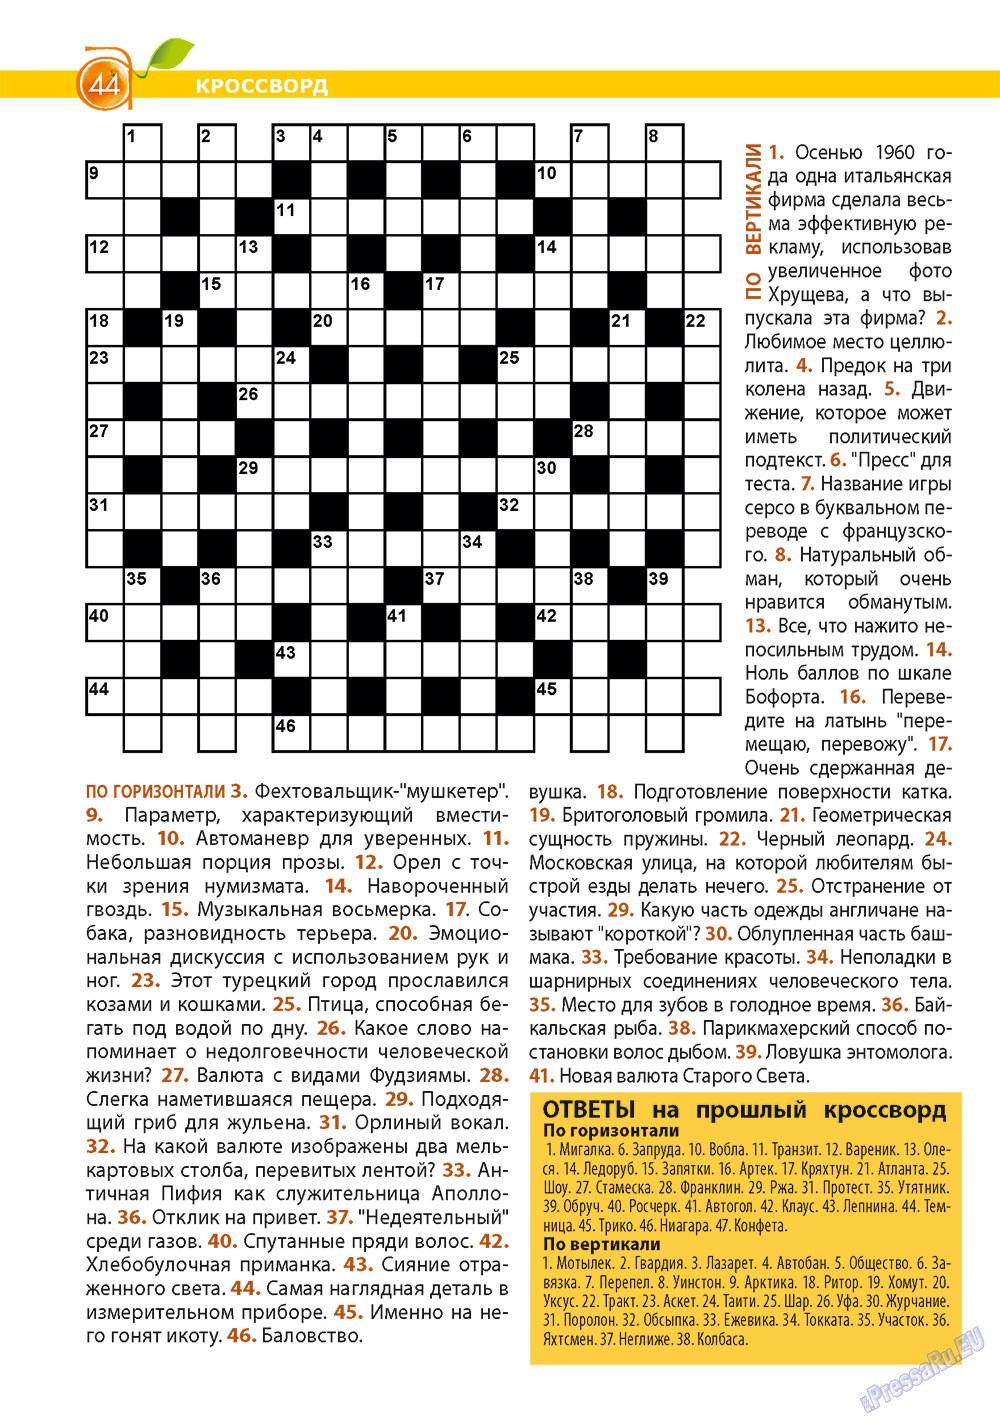 Апельсин (журнал). 2012 год, номер 41, стр. 44